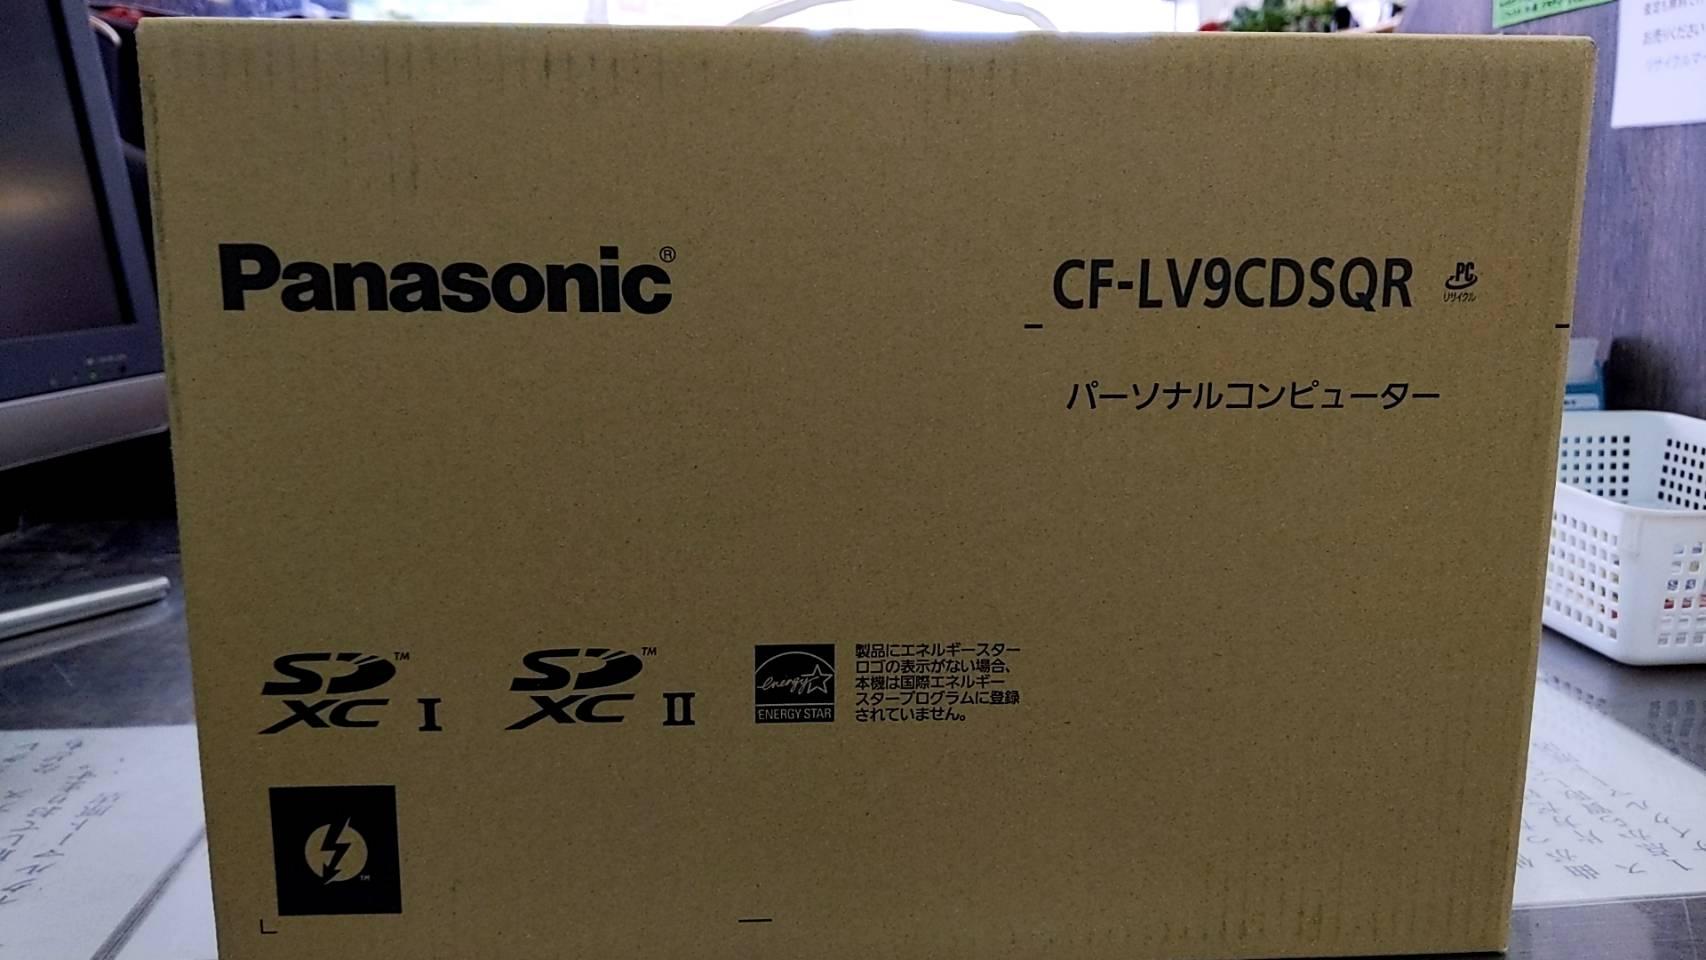 【新品!! Pnasonic パナソニック 14インチノートPC Let's note LV9 CF-LV9CDSQR】を買取致しました!!の買取-